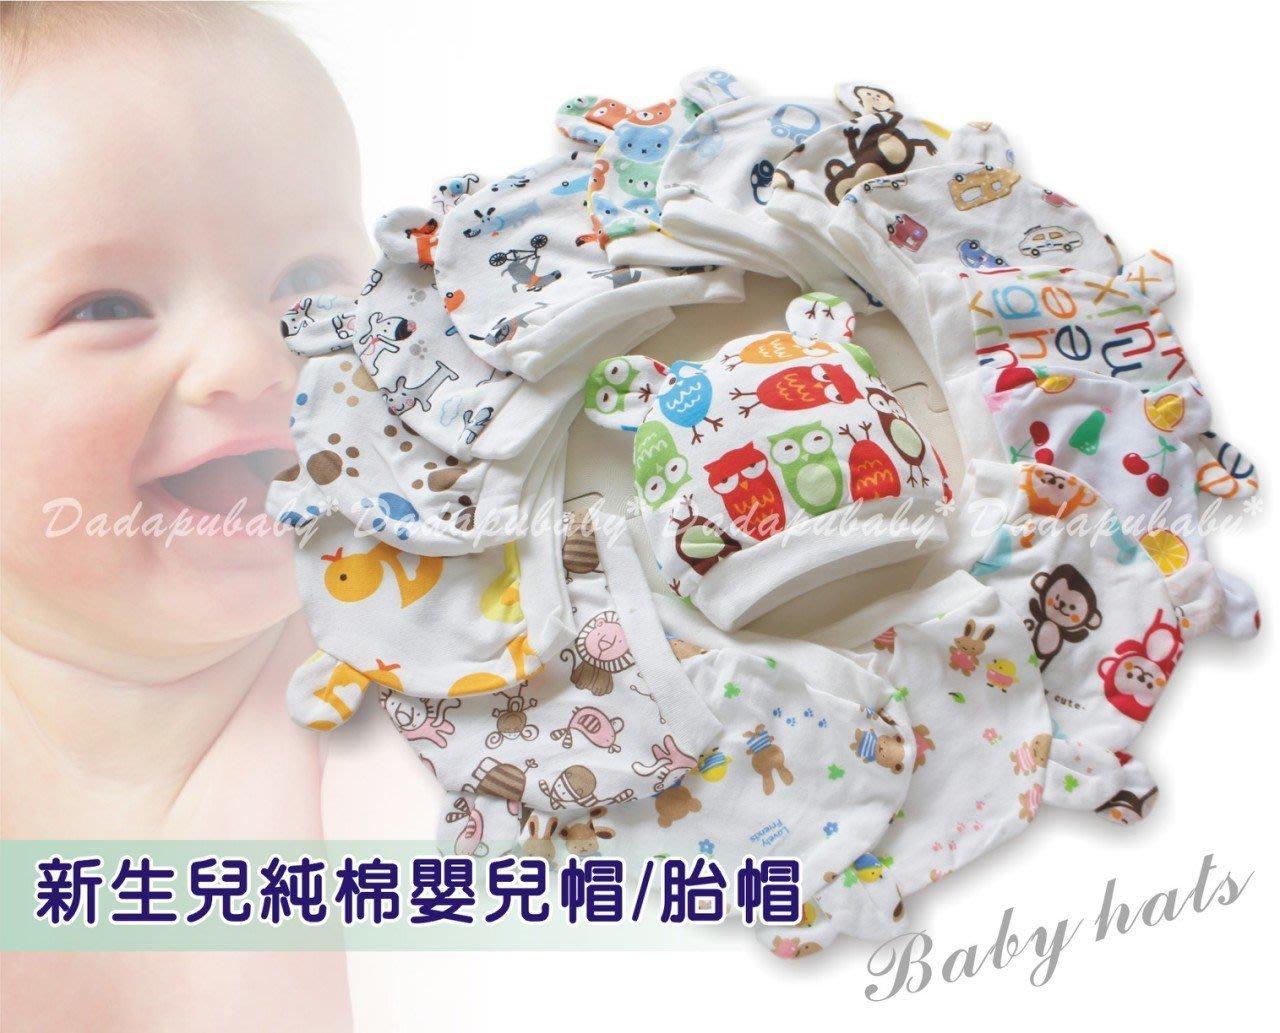 【達搭ㄅㄨˊ寶貝屋】D901138新生兒純棉嬰兒帽  新生兒帽 棉質 寶寶帽  彈性綿 套頭帽 胎帽~追加到貨